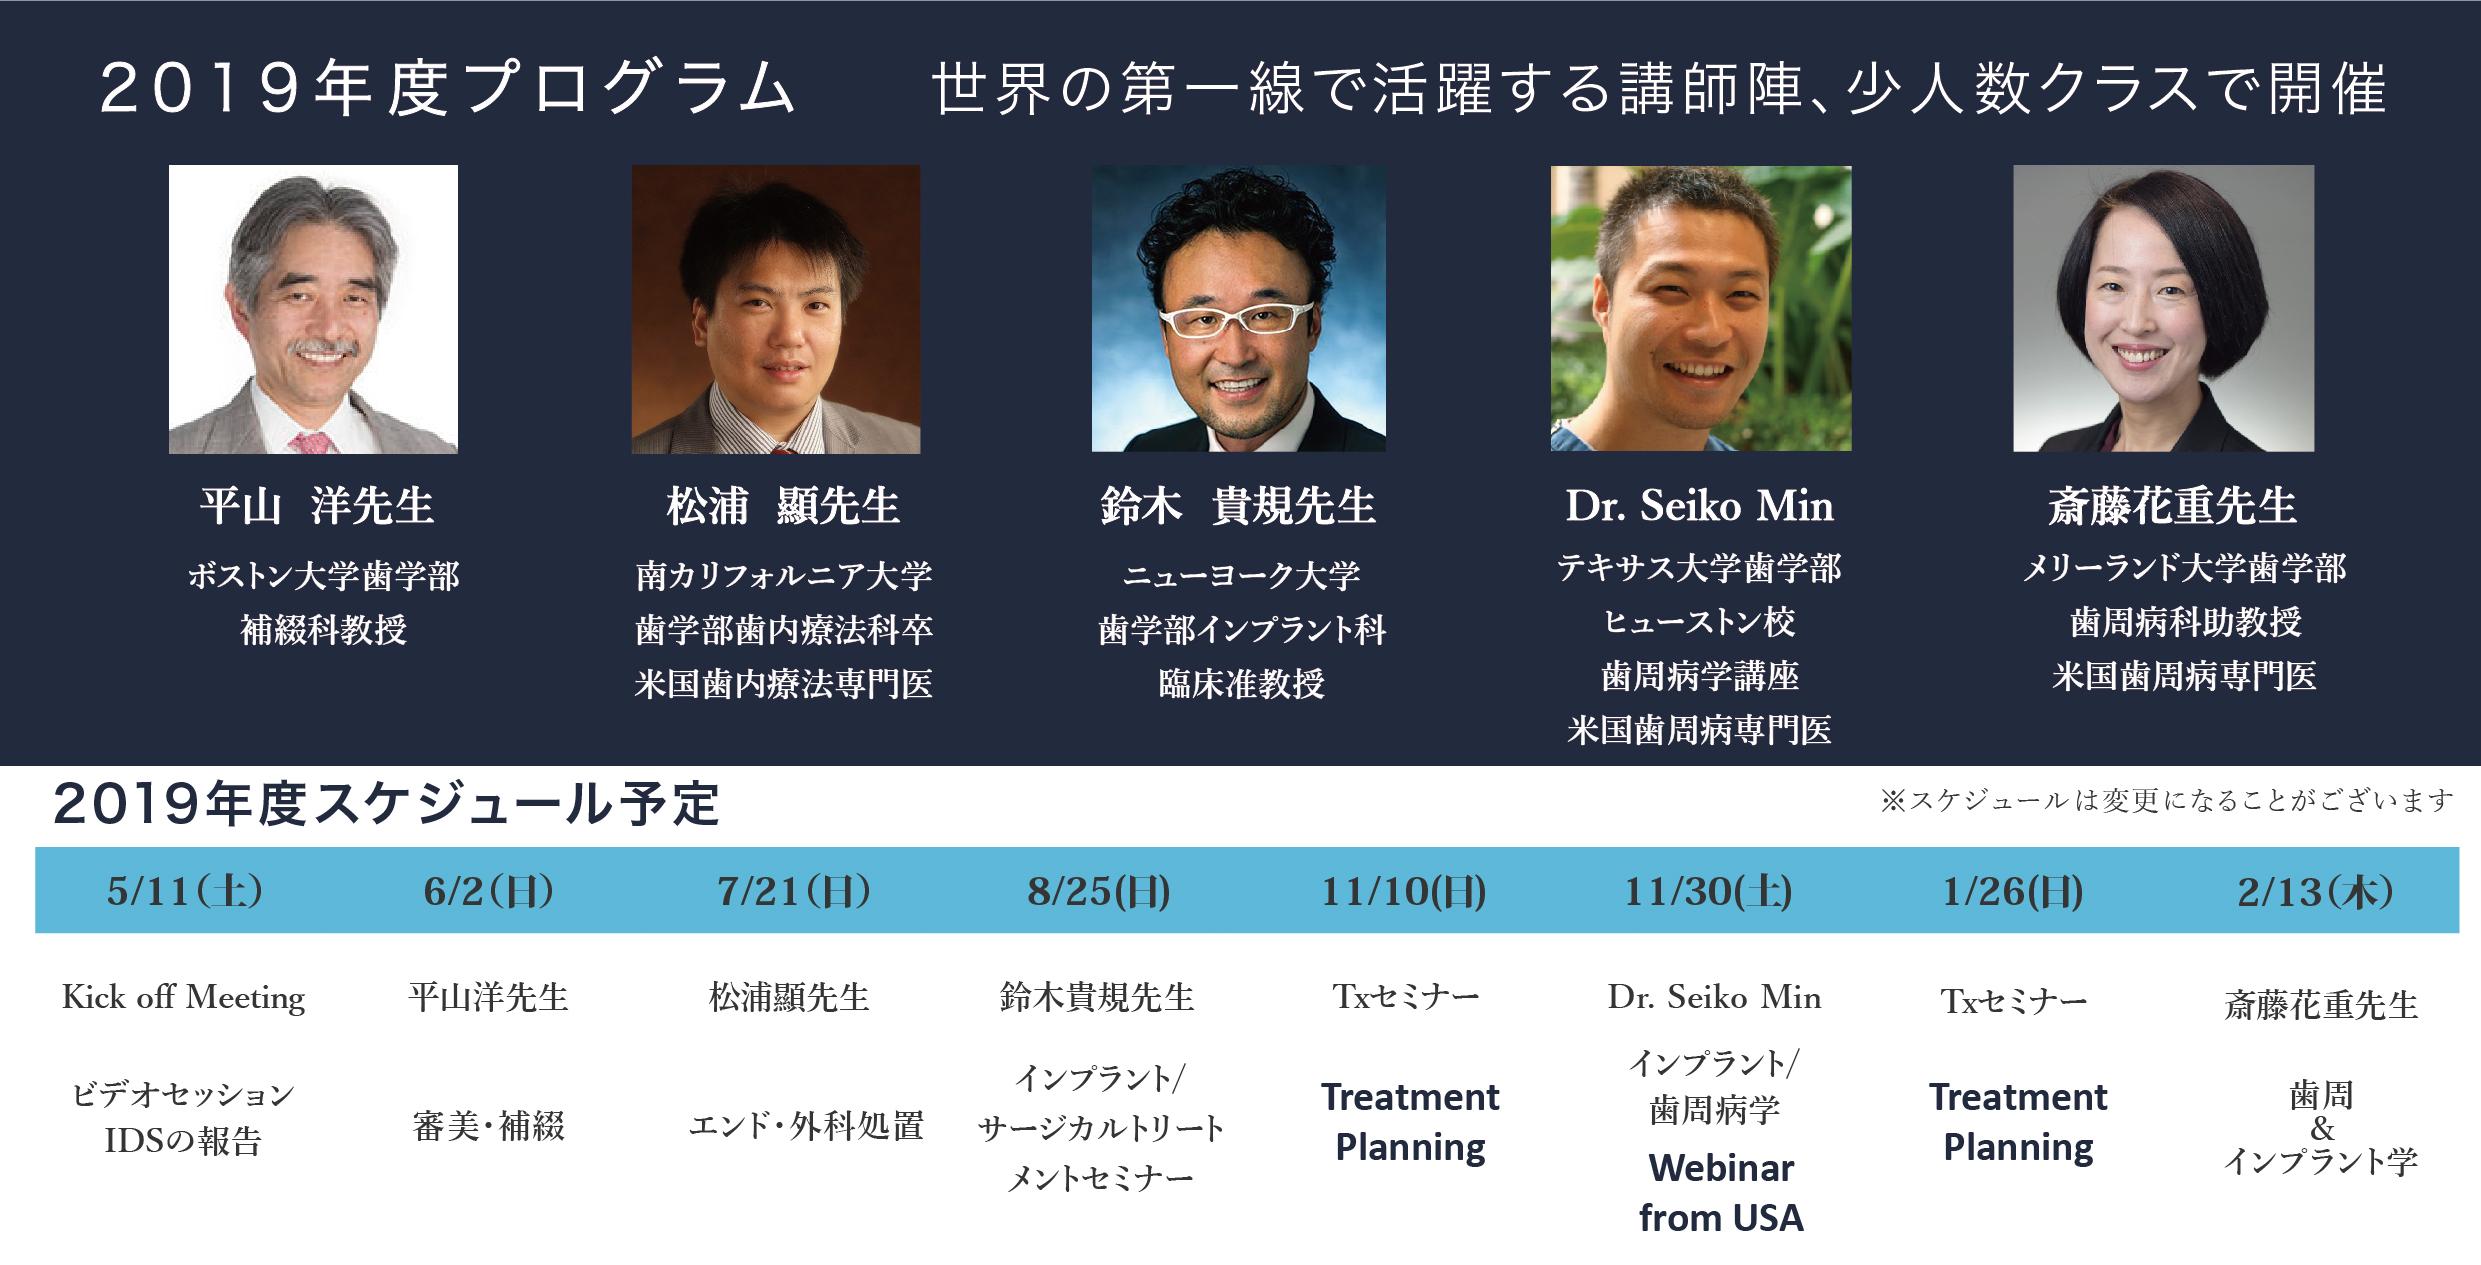 2019sscj年間プログラム-03